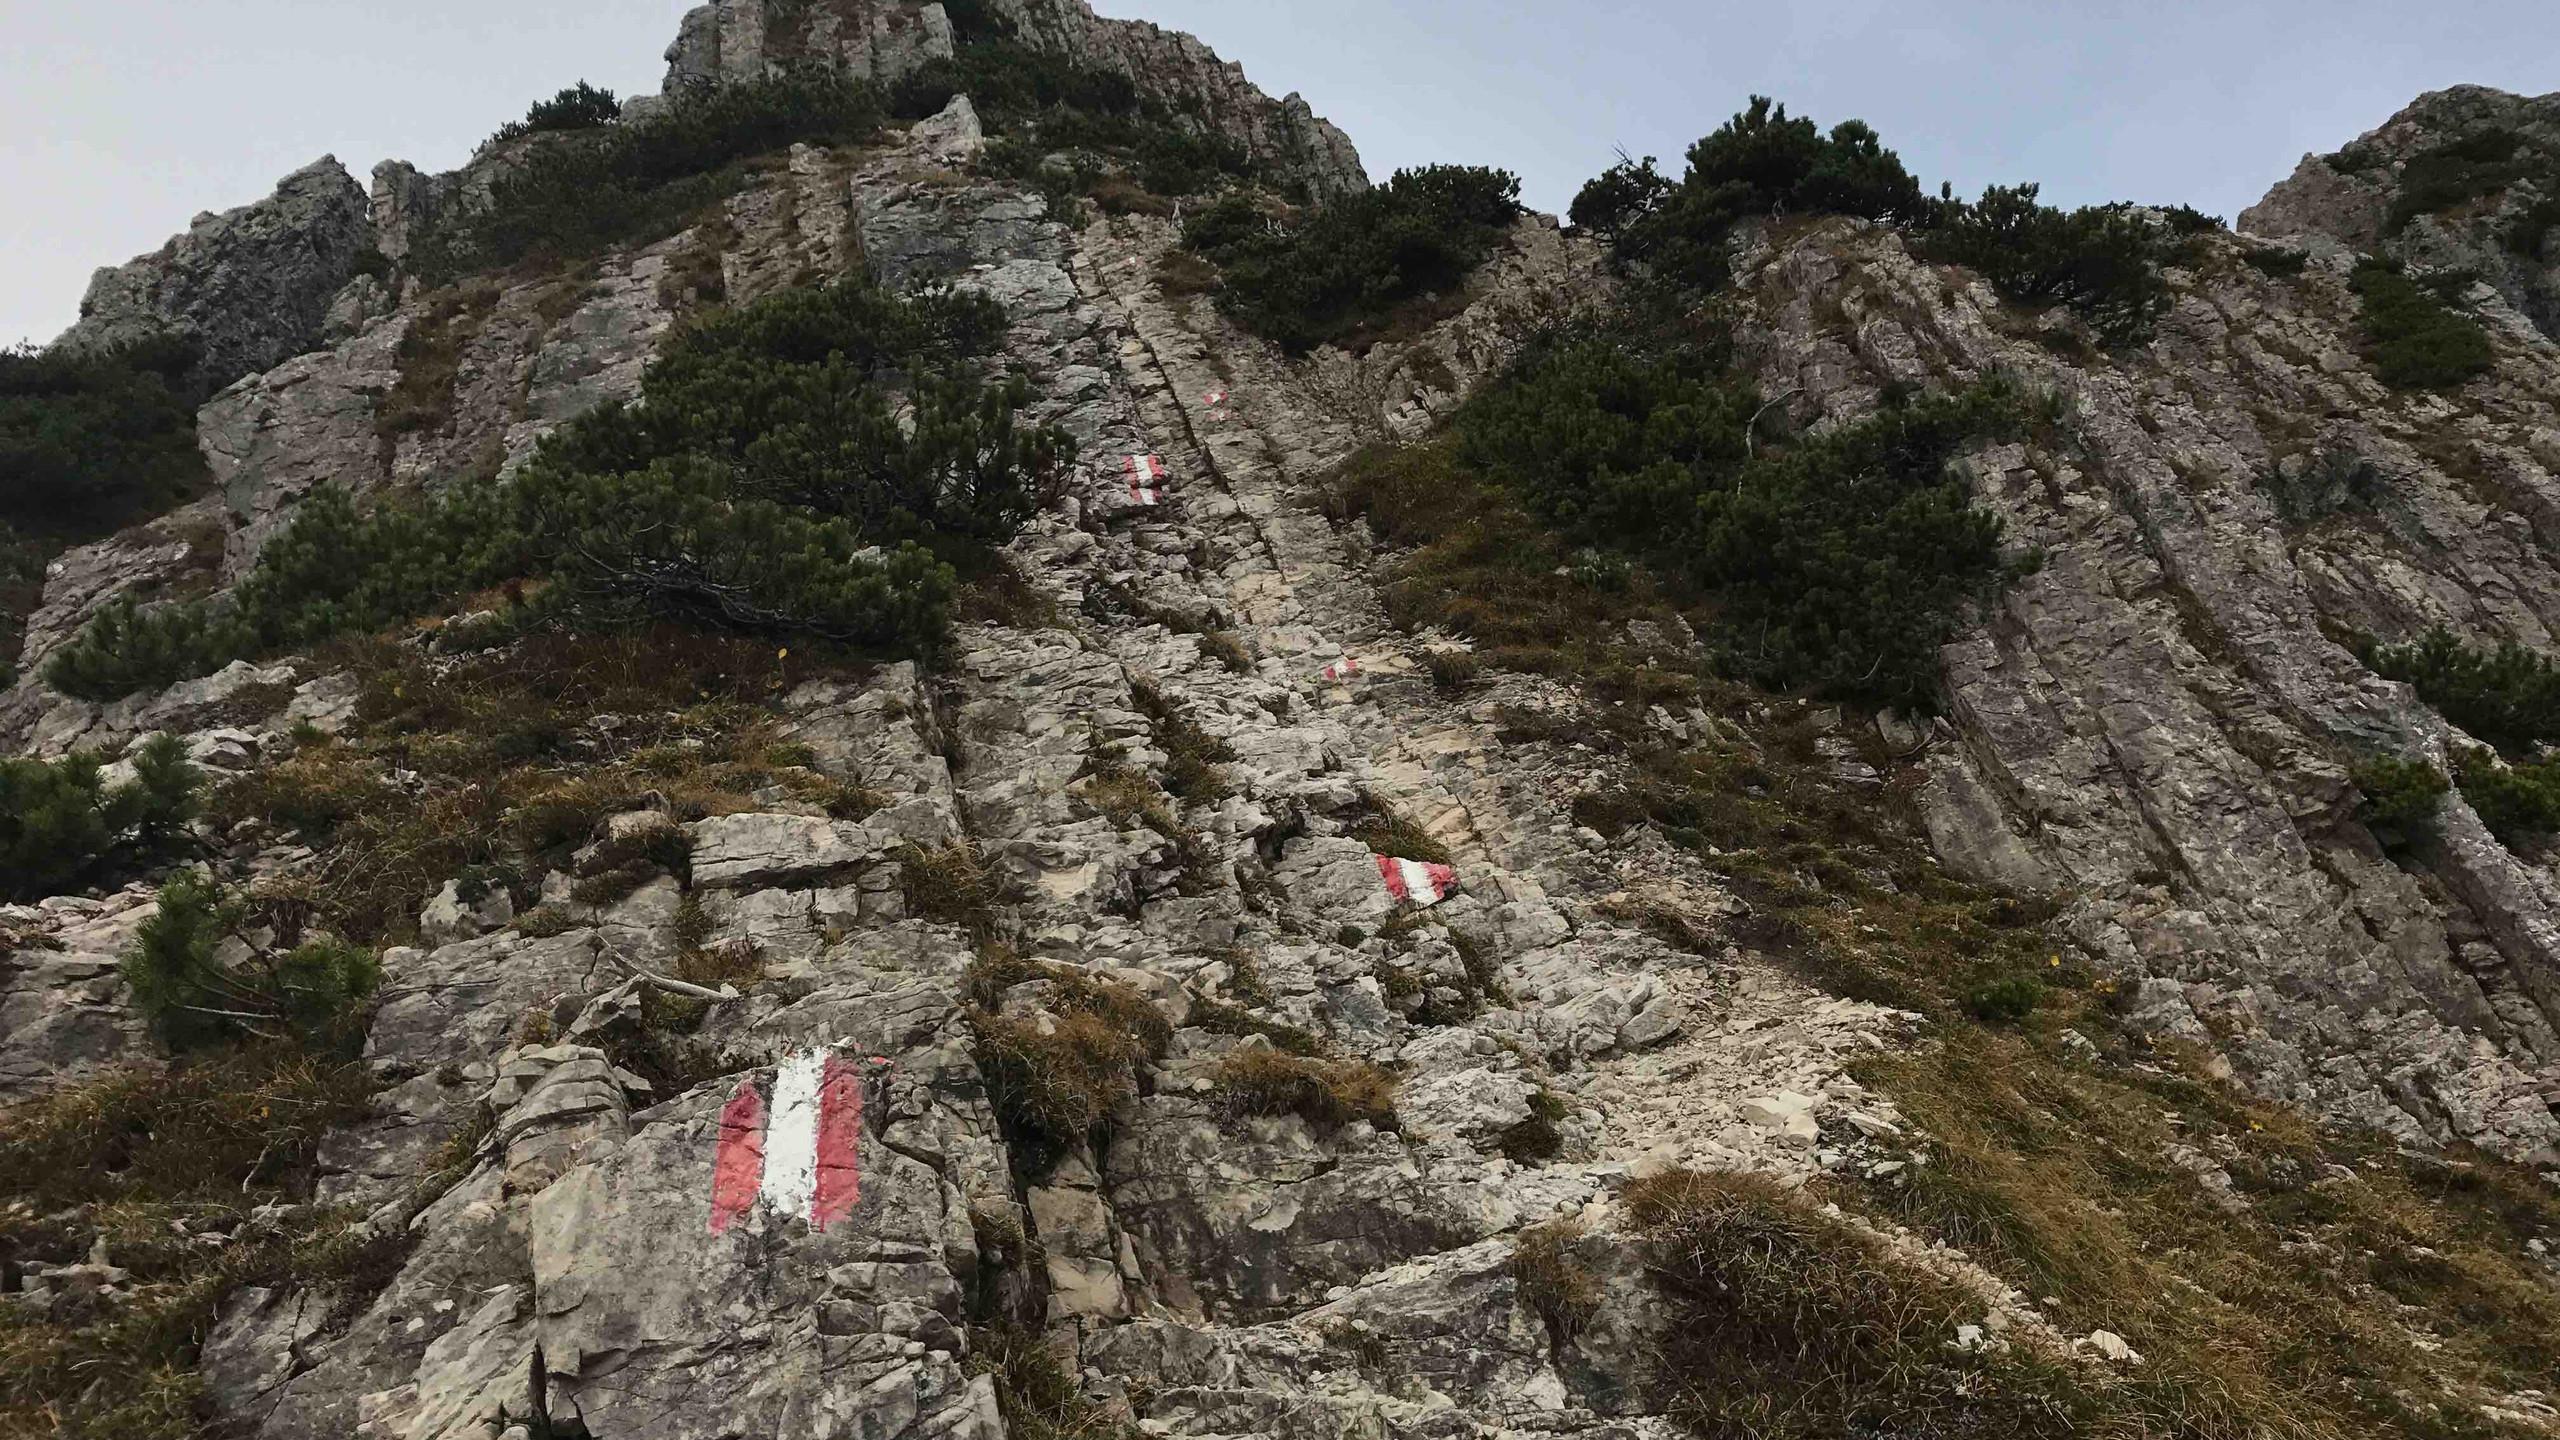 Kleine Kletterei beim Aufstieg, Bergtour Achensee